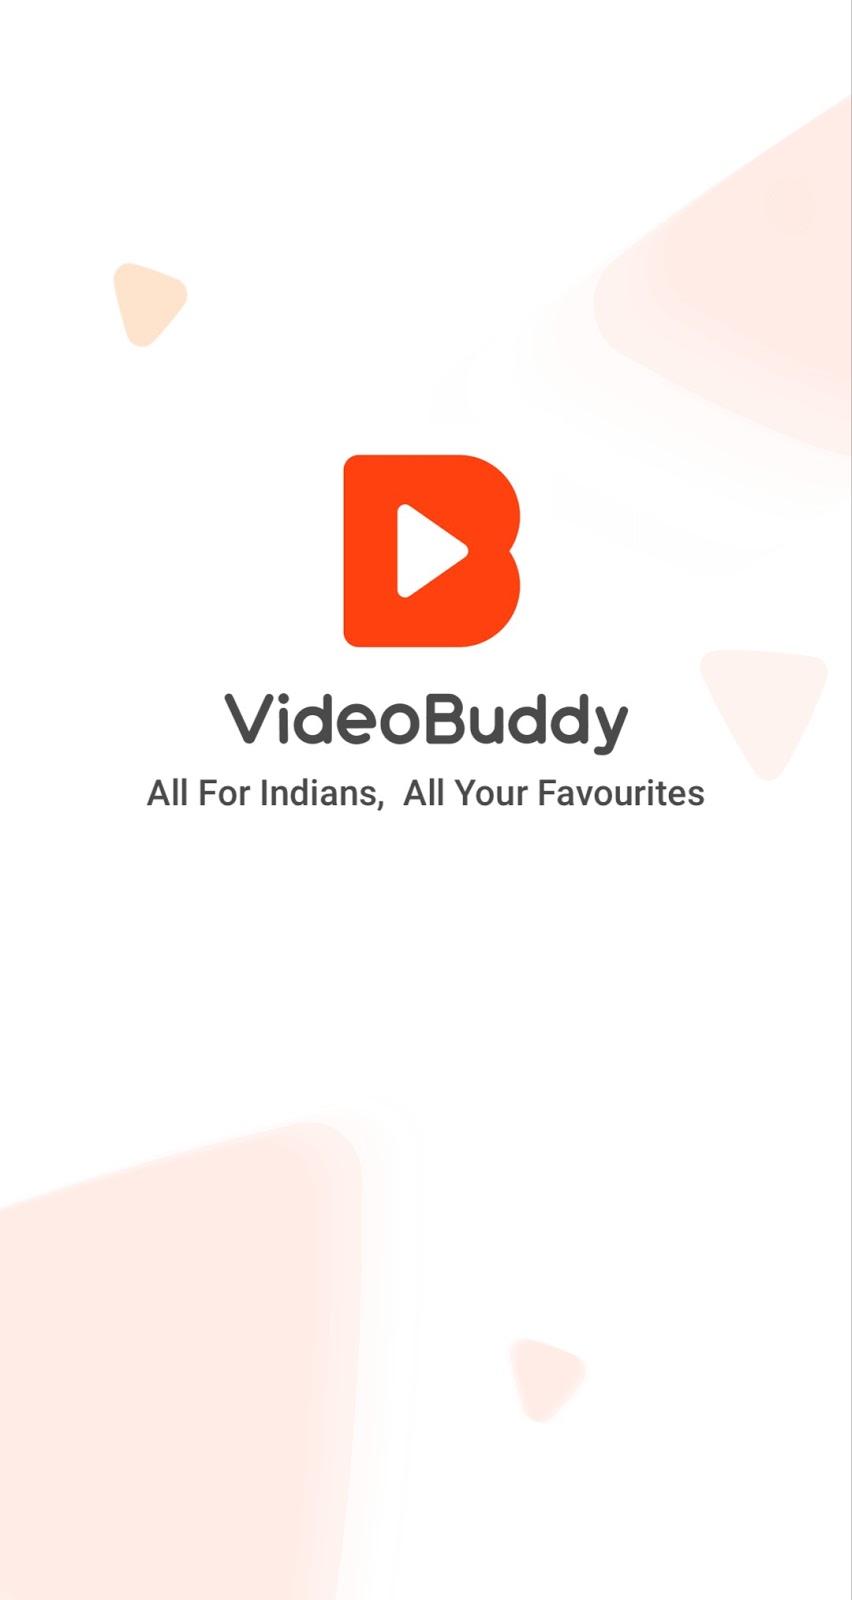 VideoBuddy App Loot